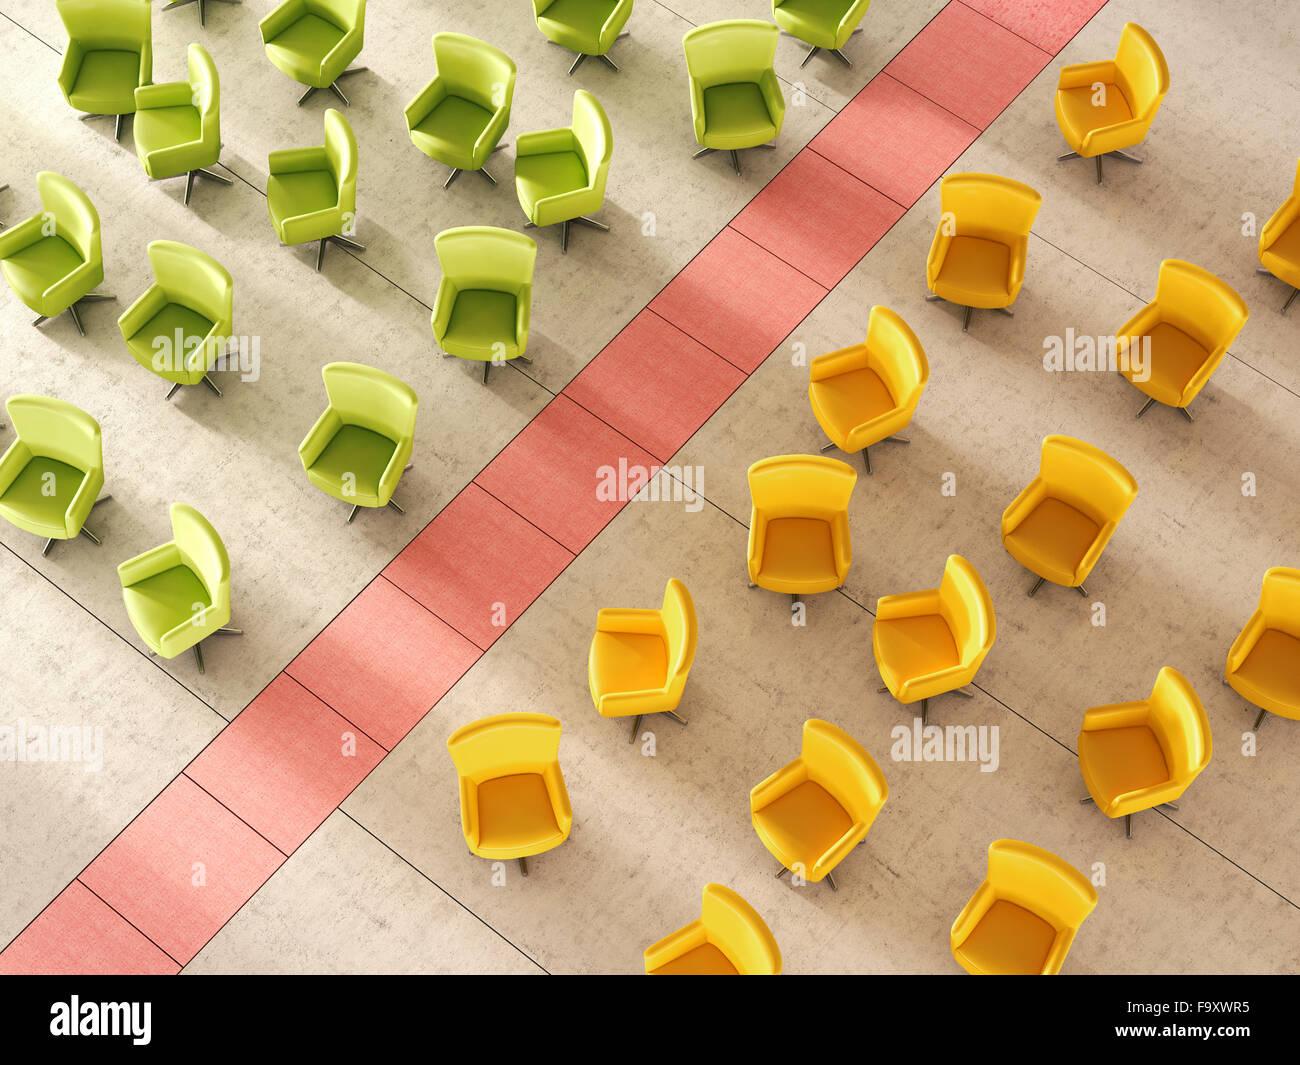 3D Rendering, verde e giallo sedia separati dalla linea rossa Immagini Stock